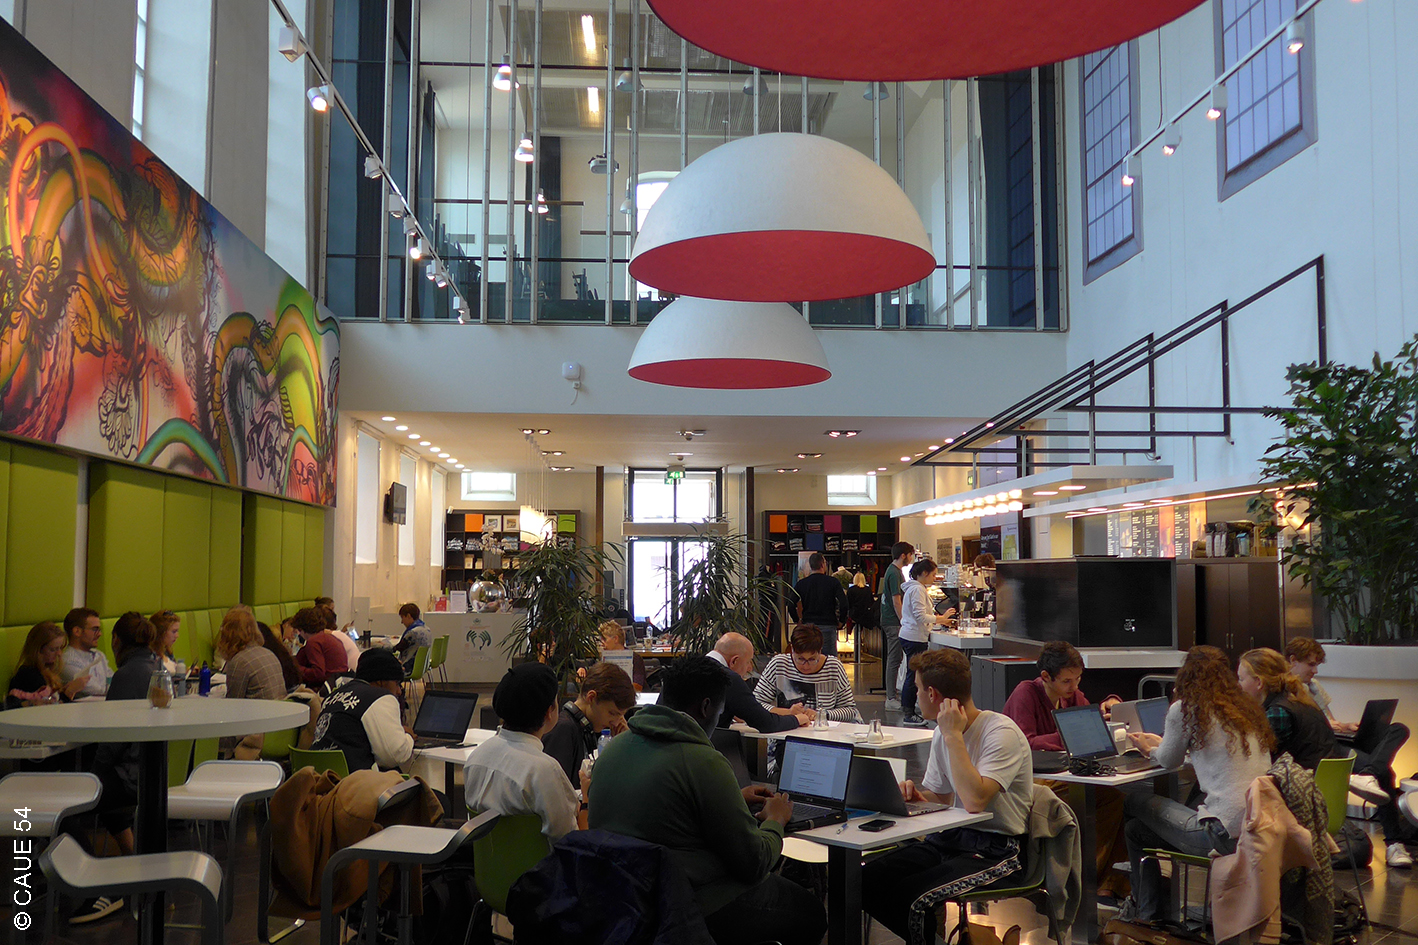 Centre d'information de l'université - Maastricht - Pays-Bas